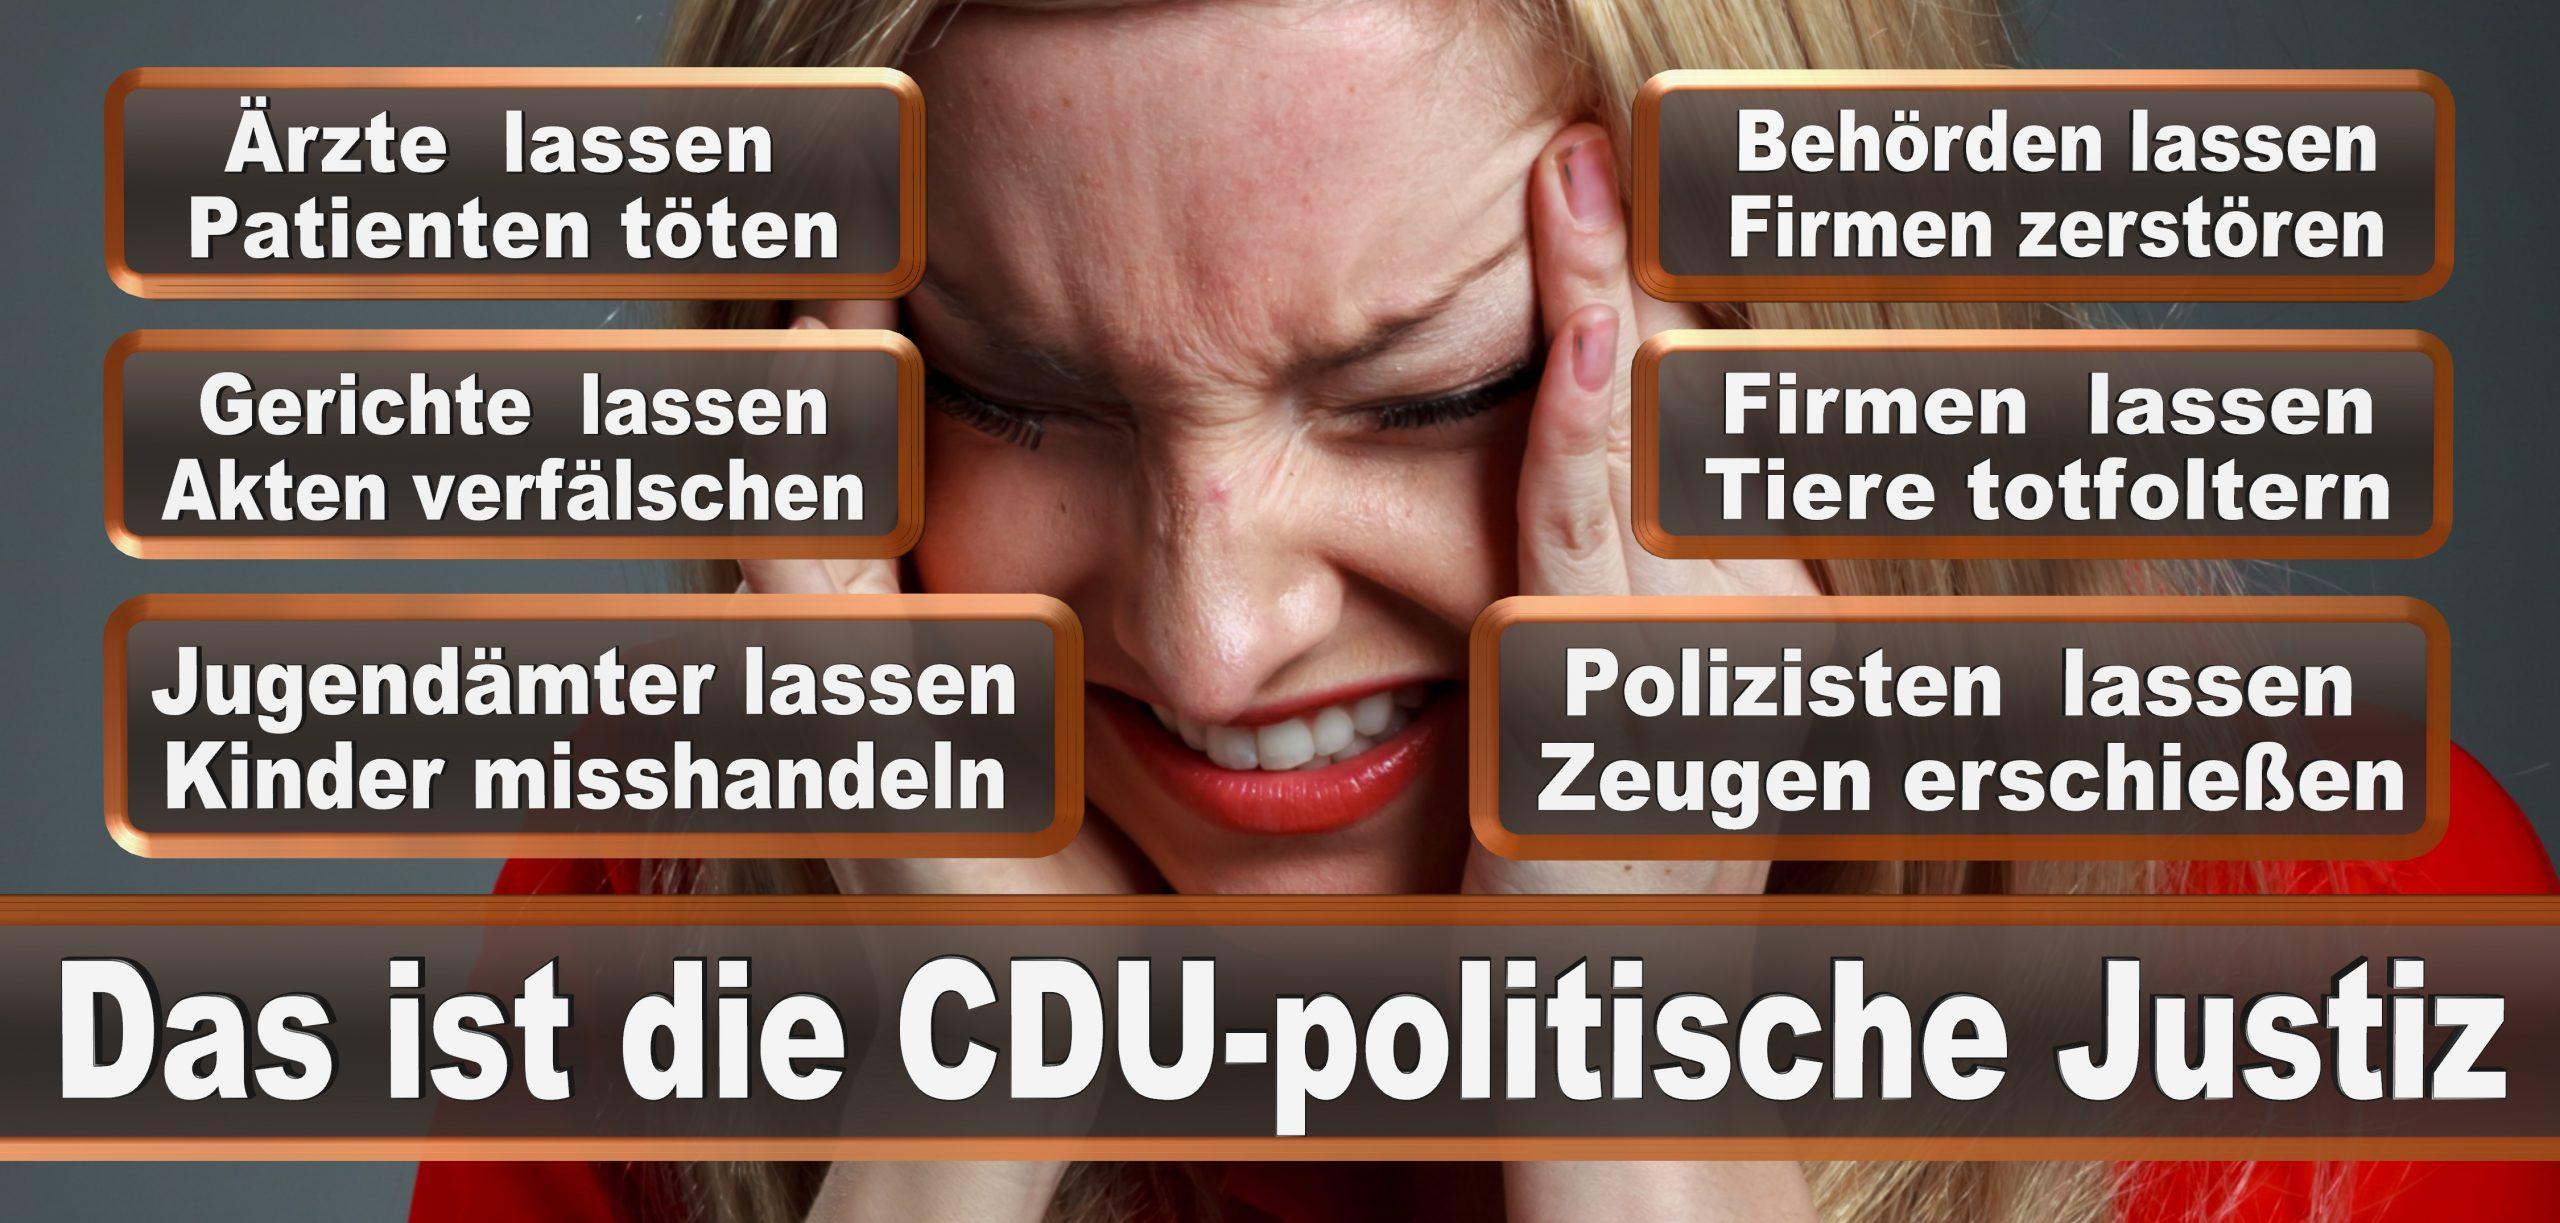 Bundestagswahl 2021 Wahlplakate CDU SPD FDP AFD Grüne Linke Stimmzettel Prognose Umfrage Kandidaten Parteien Datum (63)